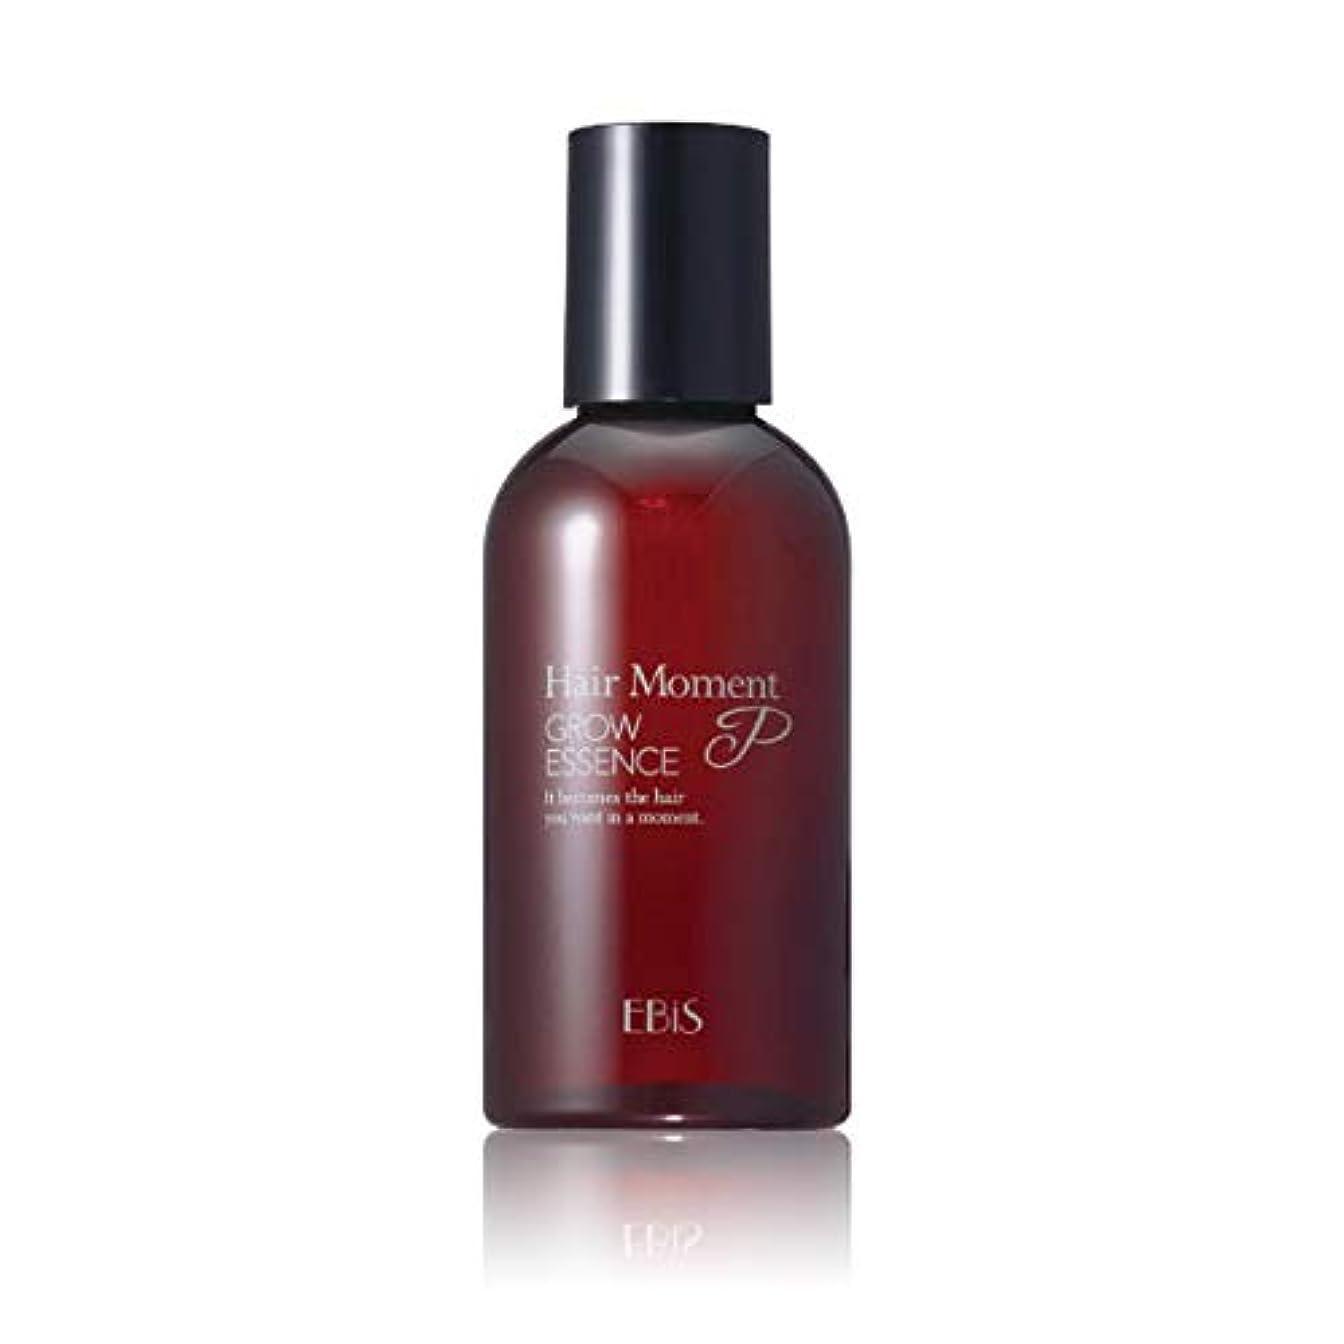 ブラザールーキーランクエビス化粧品(EBiS) ヘアーモーメントP グロウエッセンス 育毛剤 女性用 約60日分